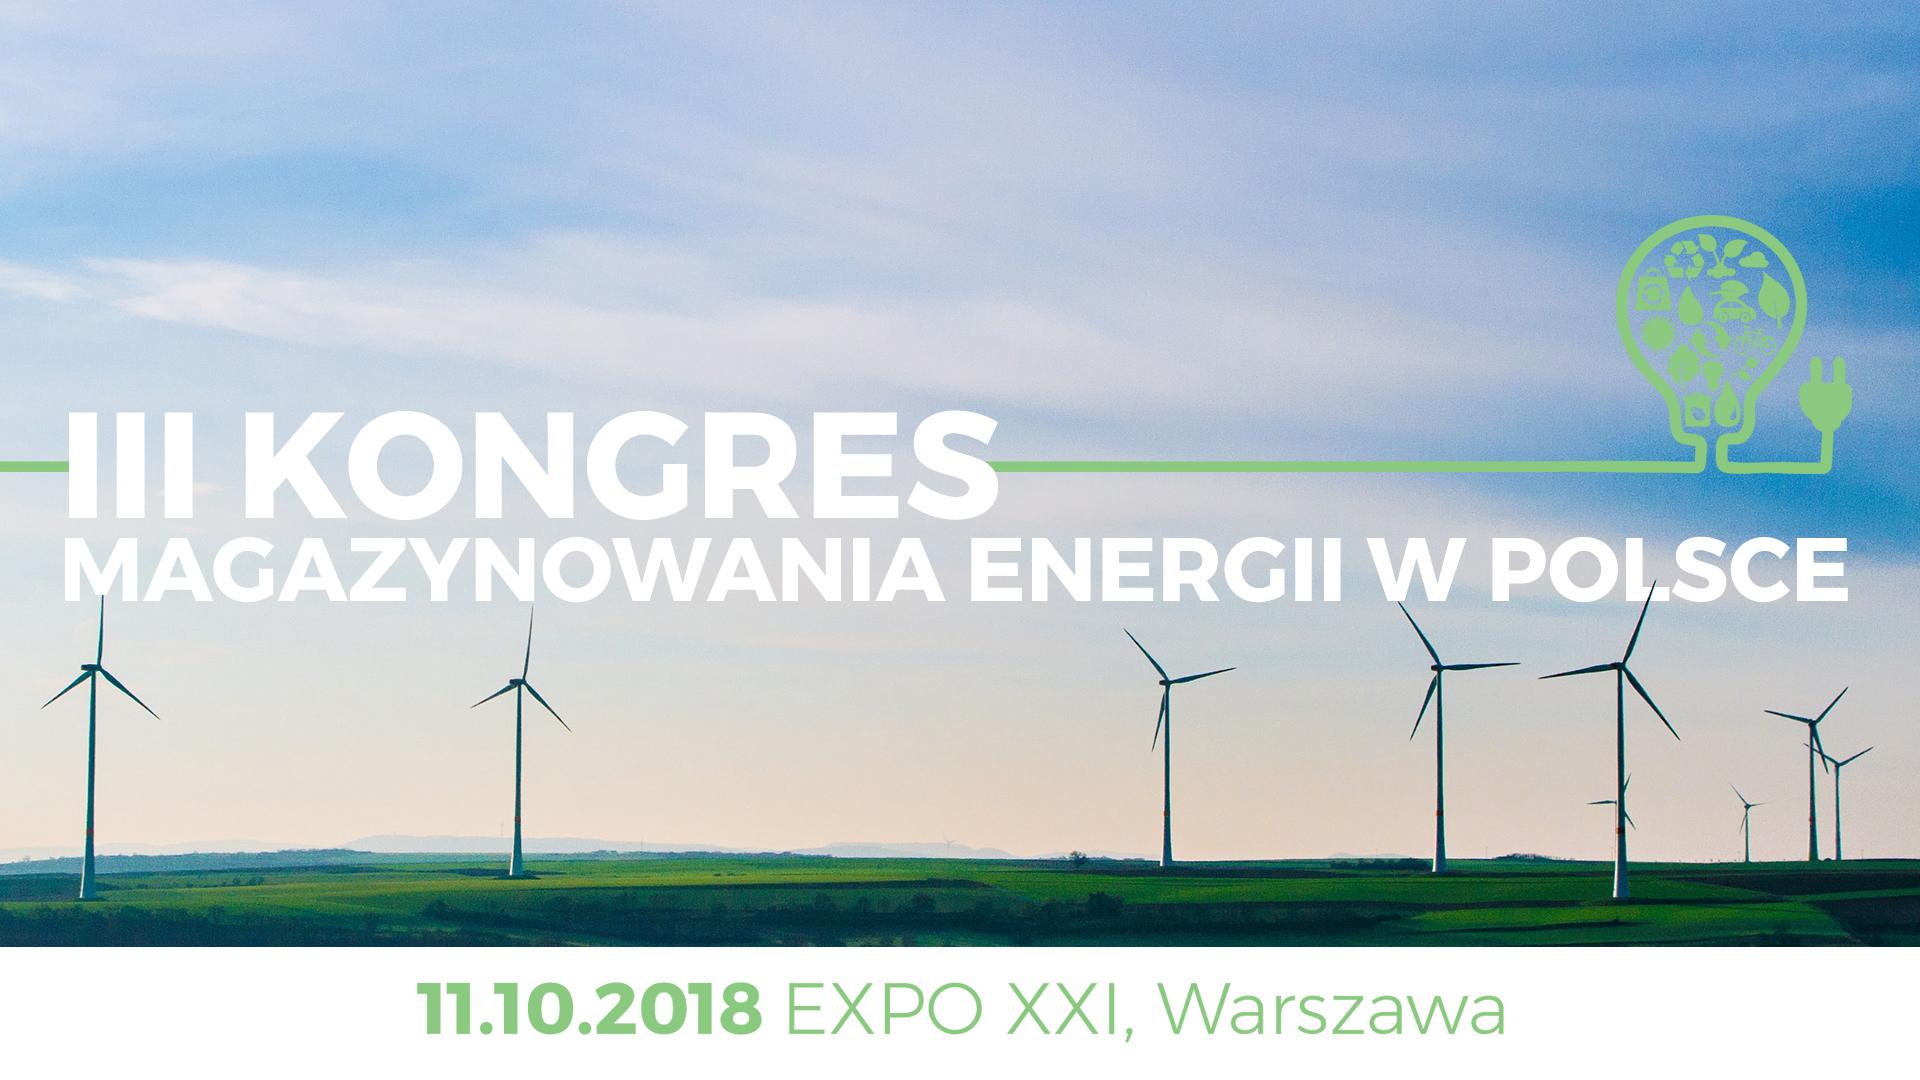 III Kongres Magazynowania Energii w Polsce